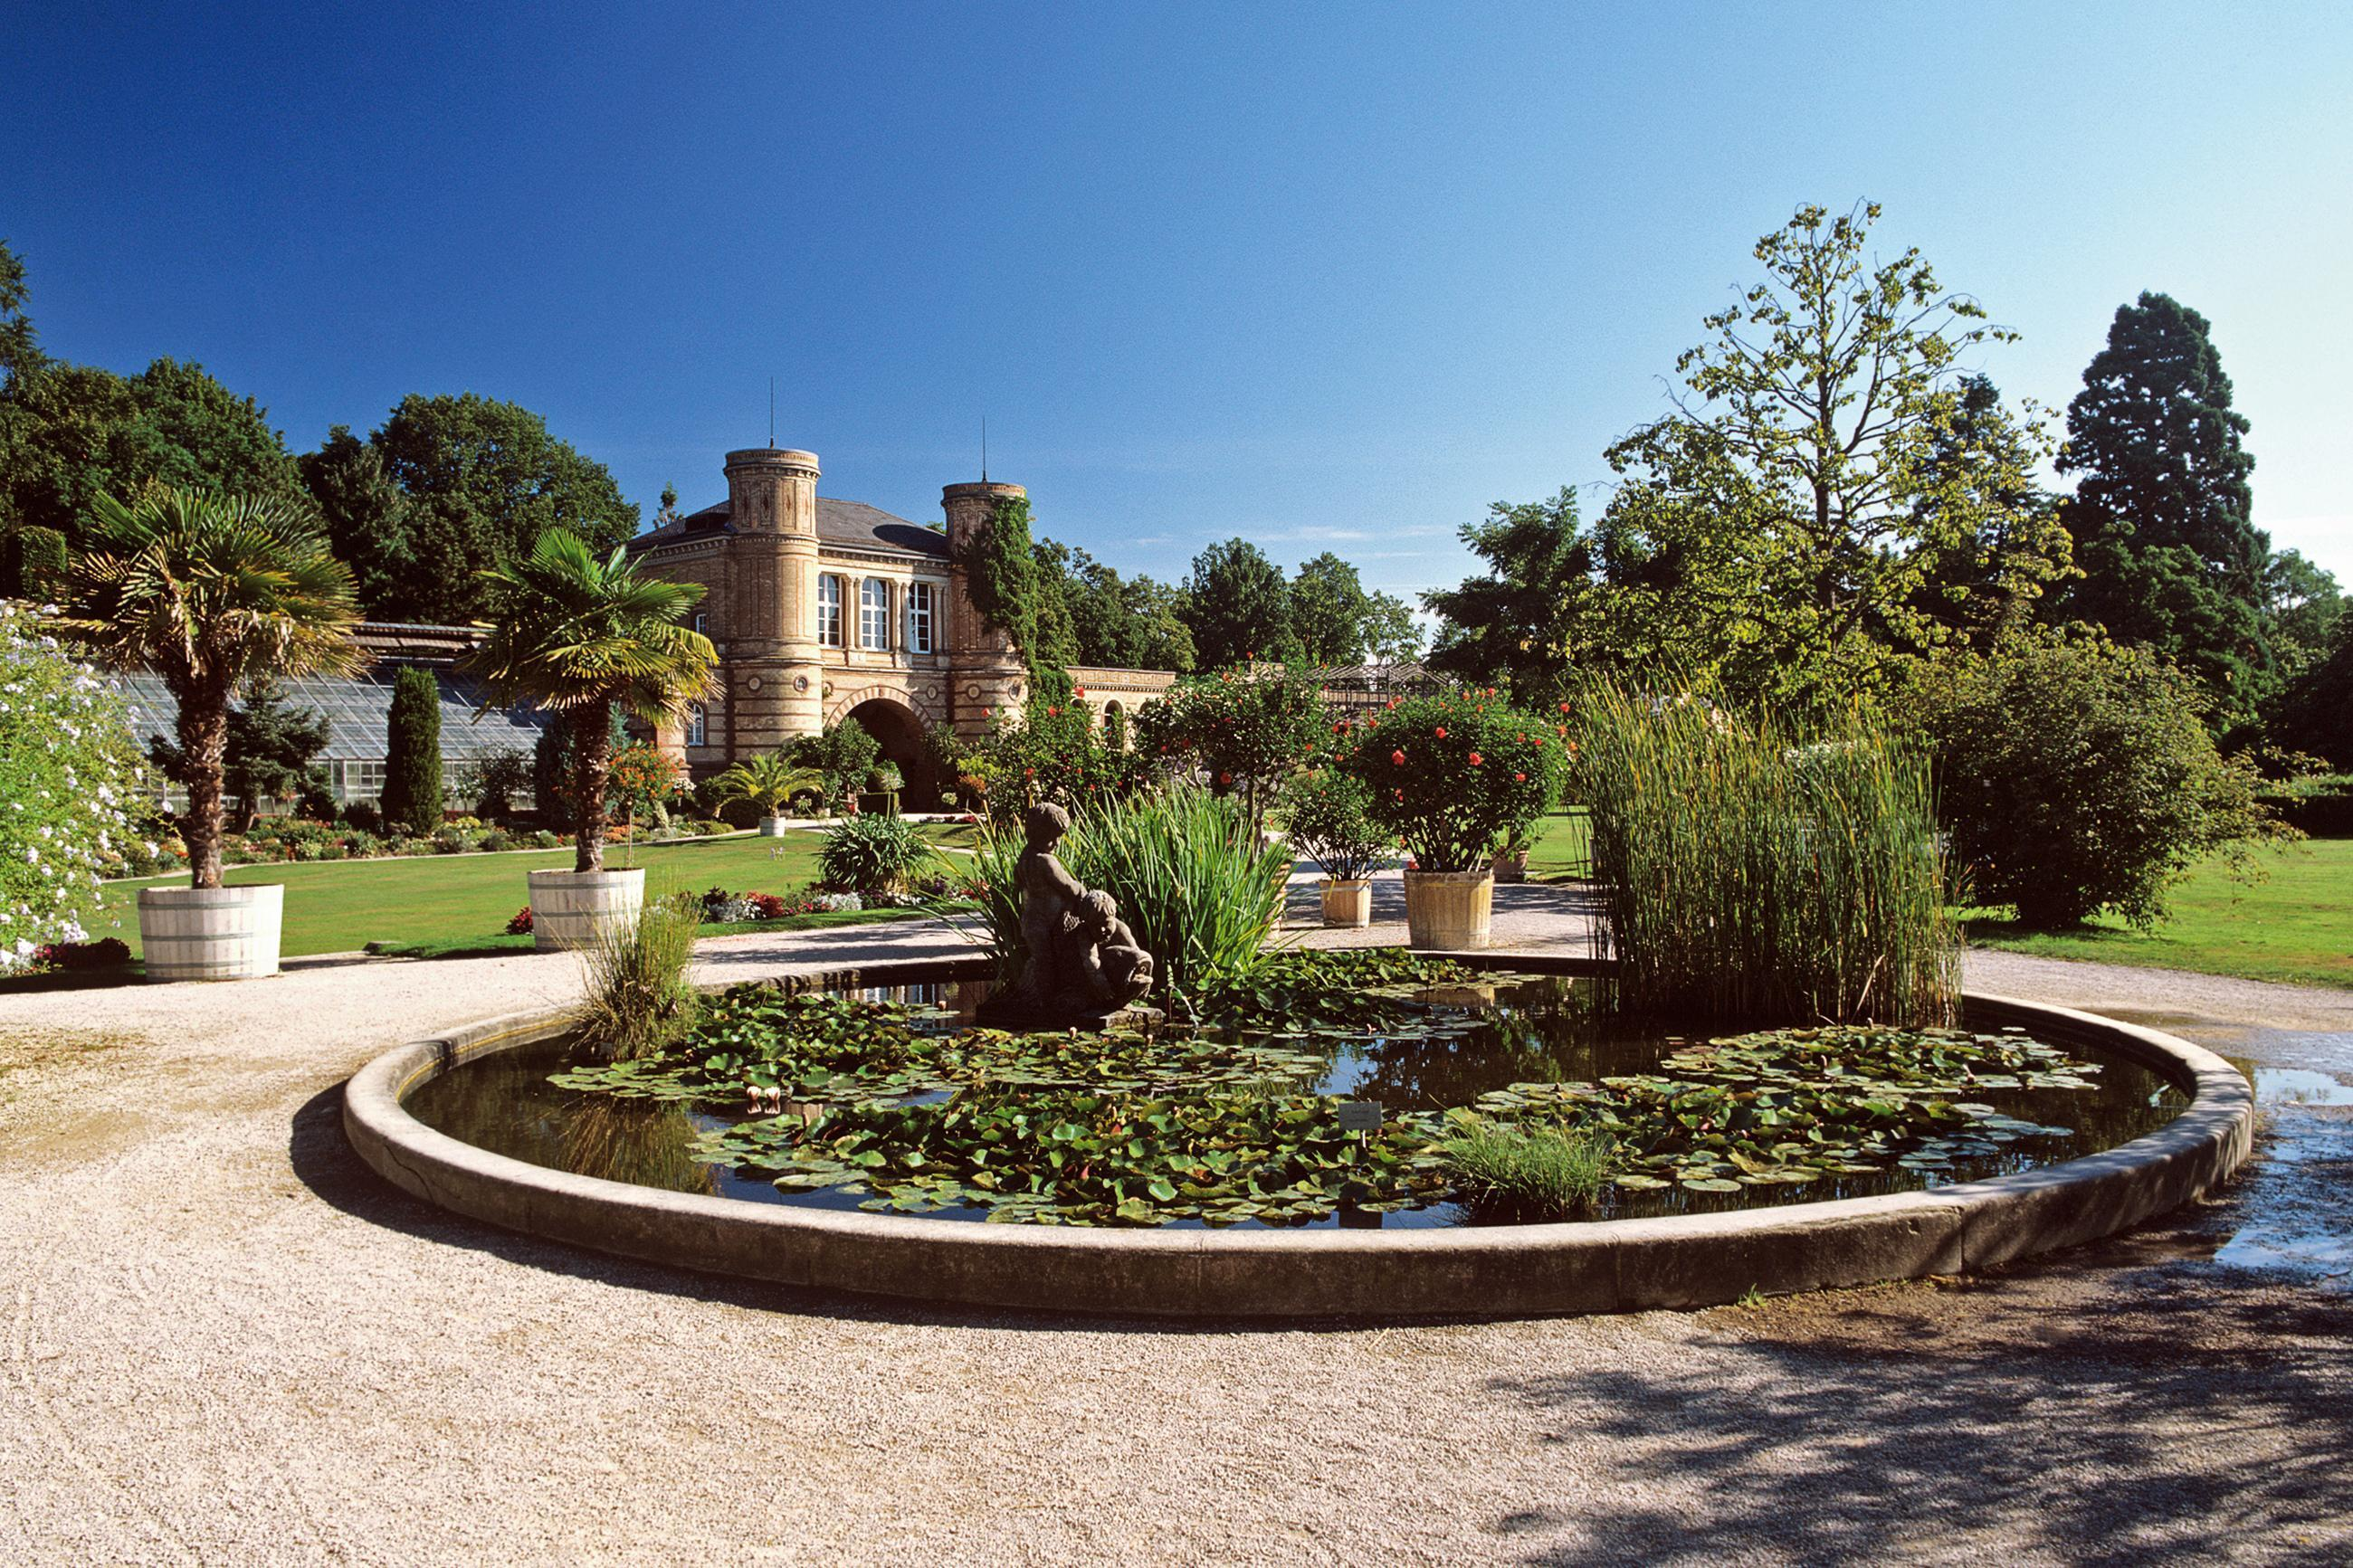 Gatehouse and basin at the Karlsruhe Botanical Gardens. Image: Staatliche Schlösser und Gärten Baden-Württemberg, Andrea Rachele